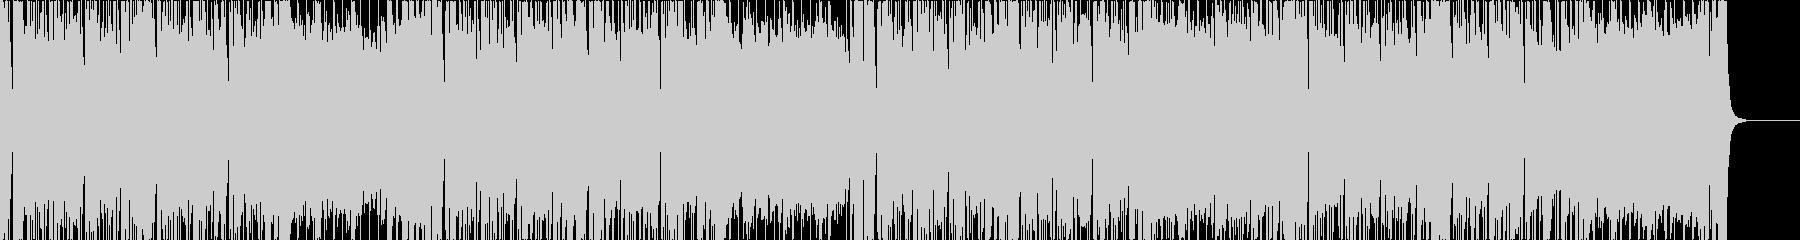 ファンク、ロックバンドサウンドの未再生の波形